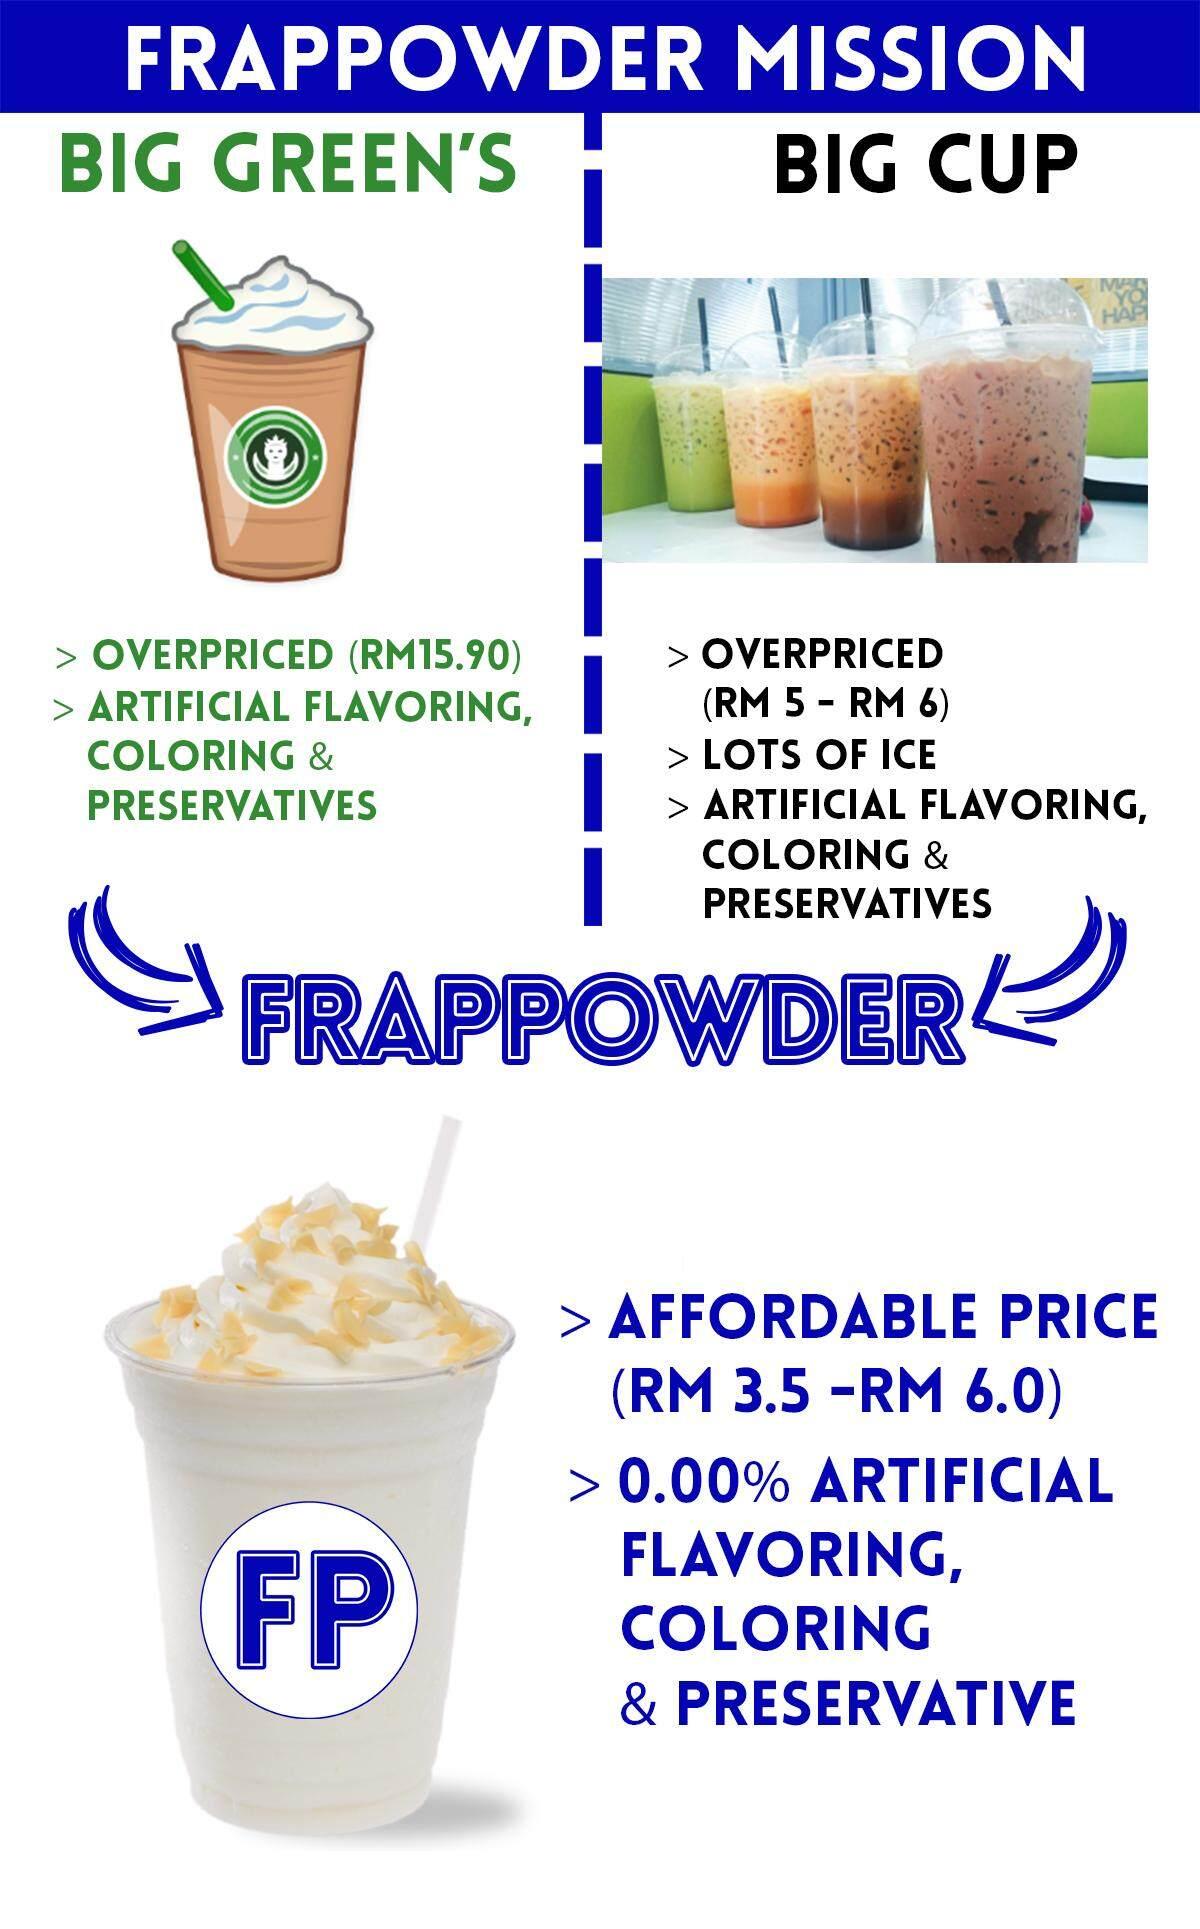 #2 Frappowder Mission 800 x 1500 Lazada Blue Barley White Caramel.jpg